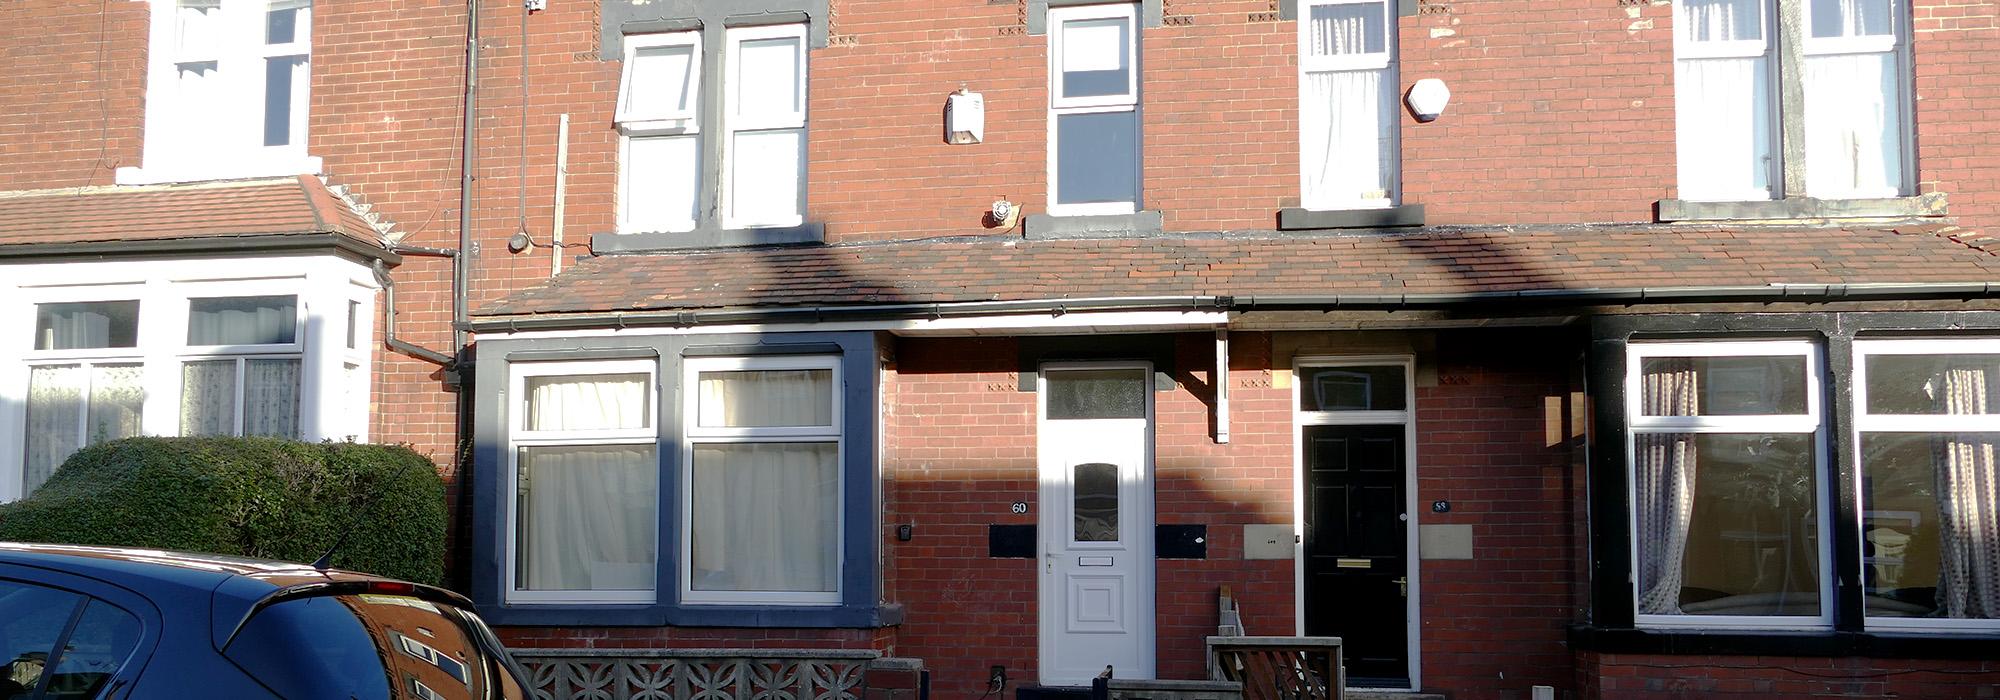 60 Headingley Avenue (4 bed) Headingley LS6